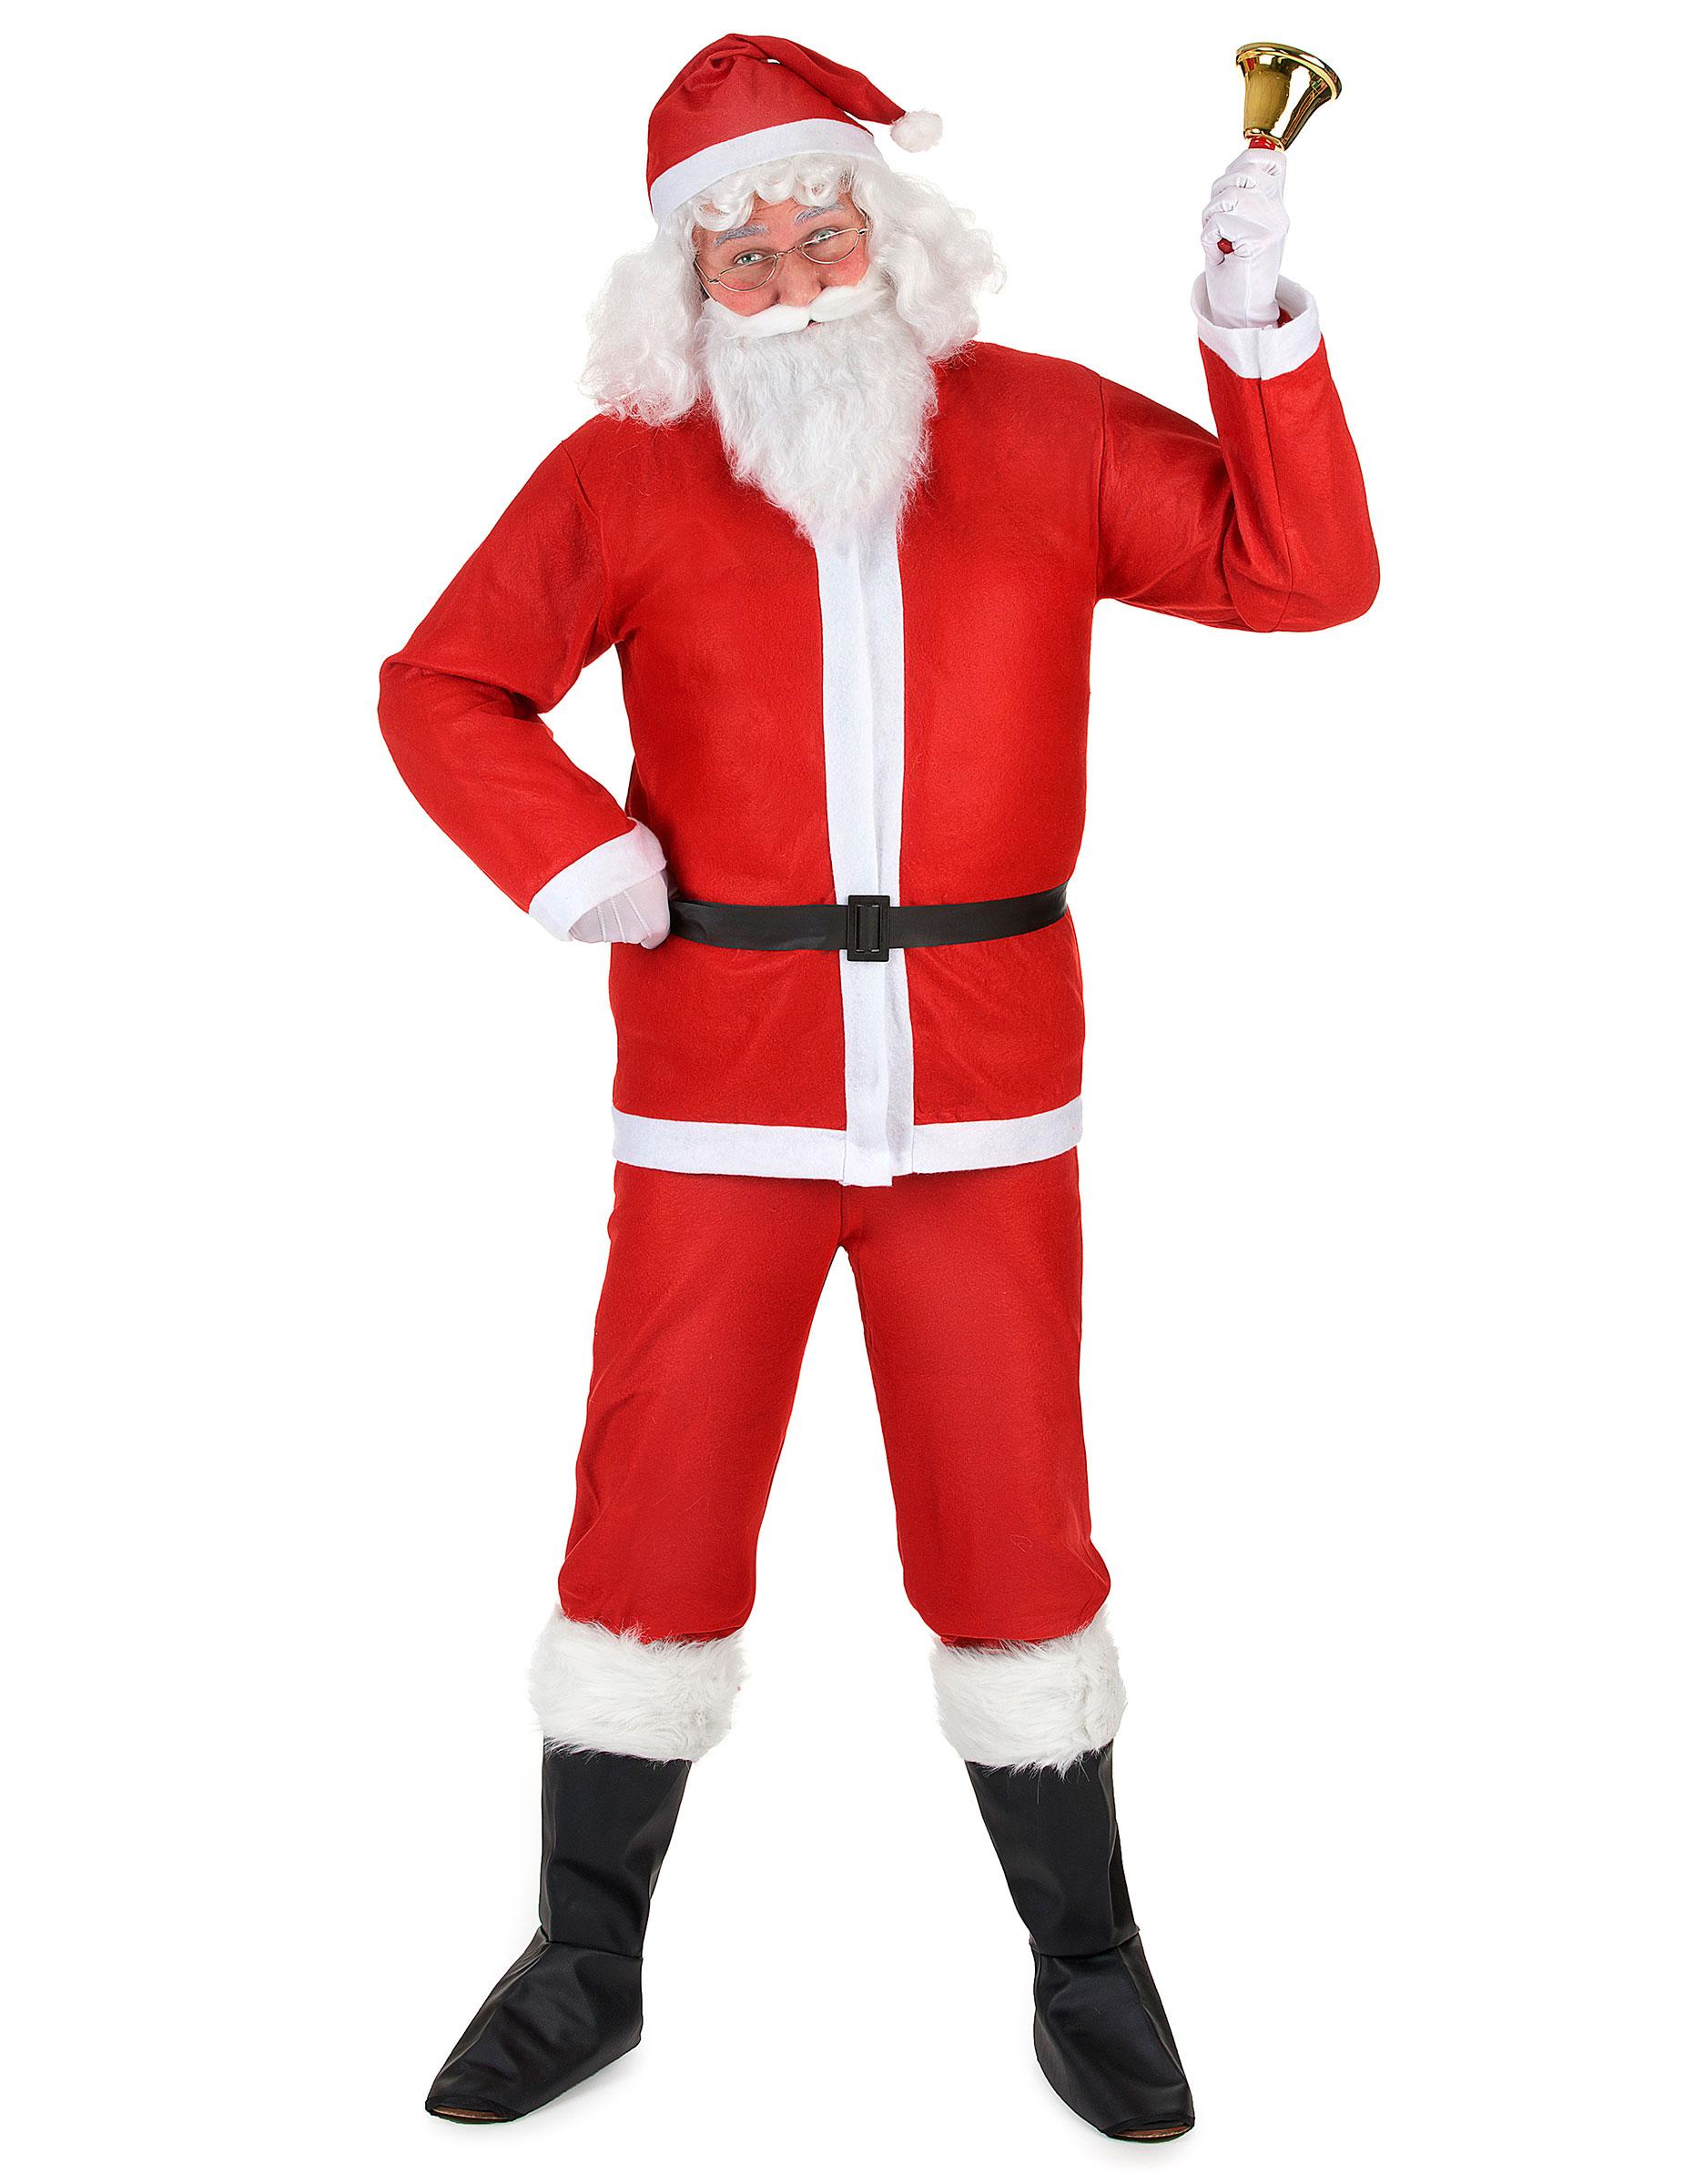 set weihnachtsmann kost m f r erwachsene kost me f r erwachsene und g nstige faschingskost me